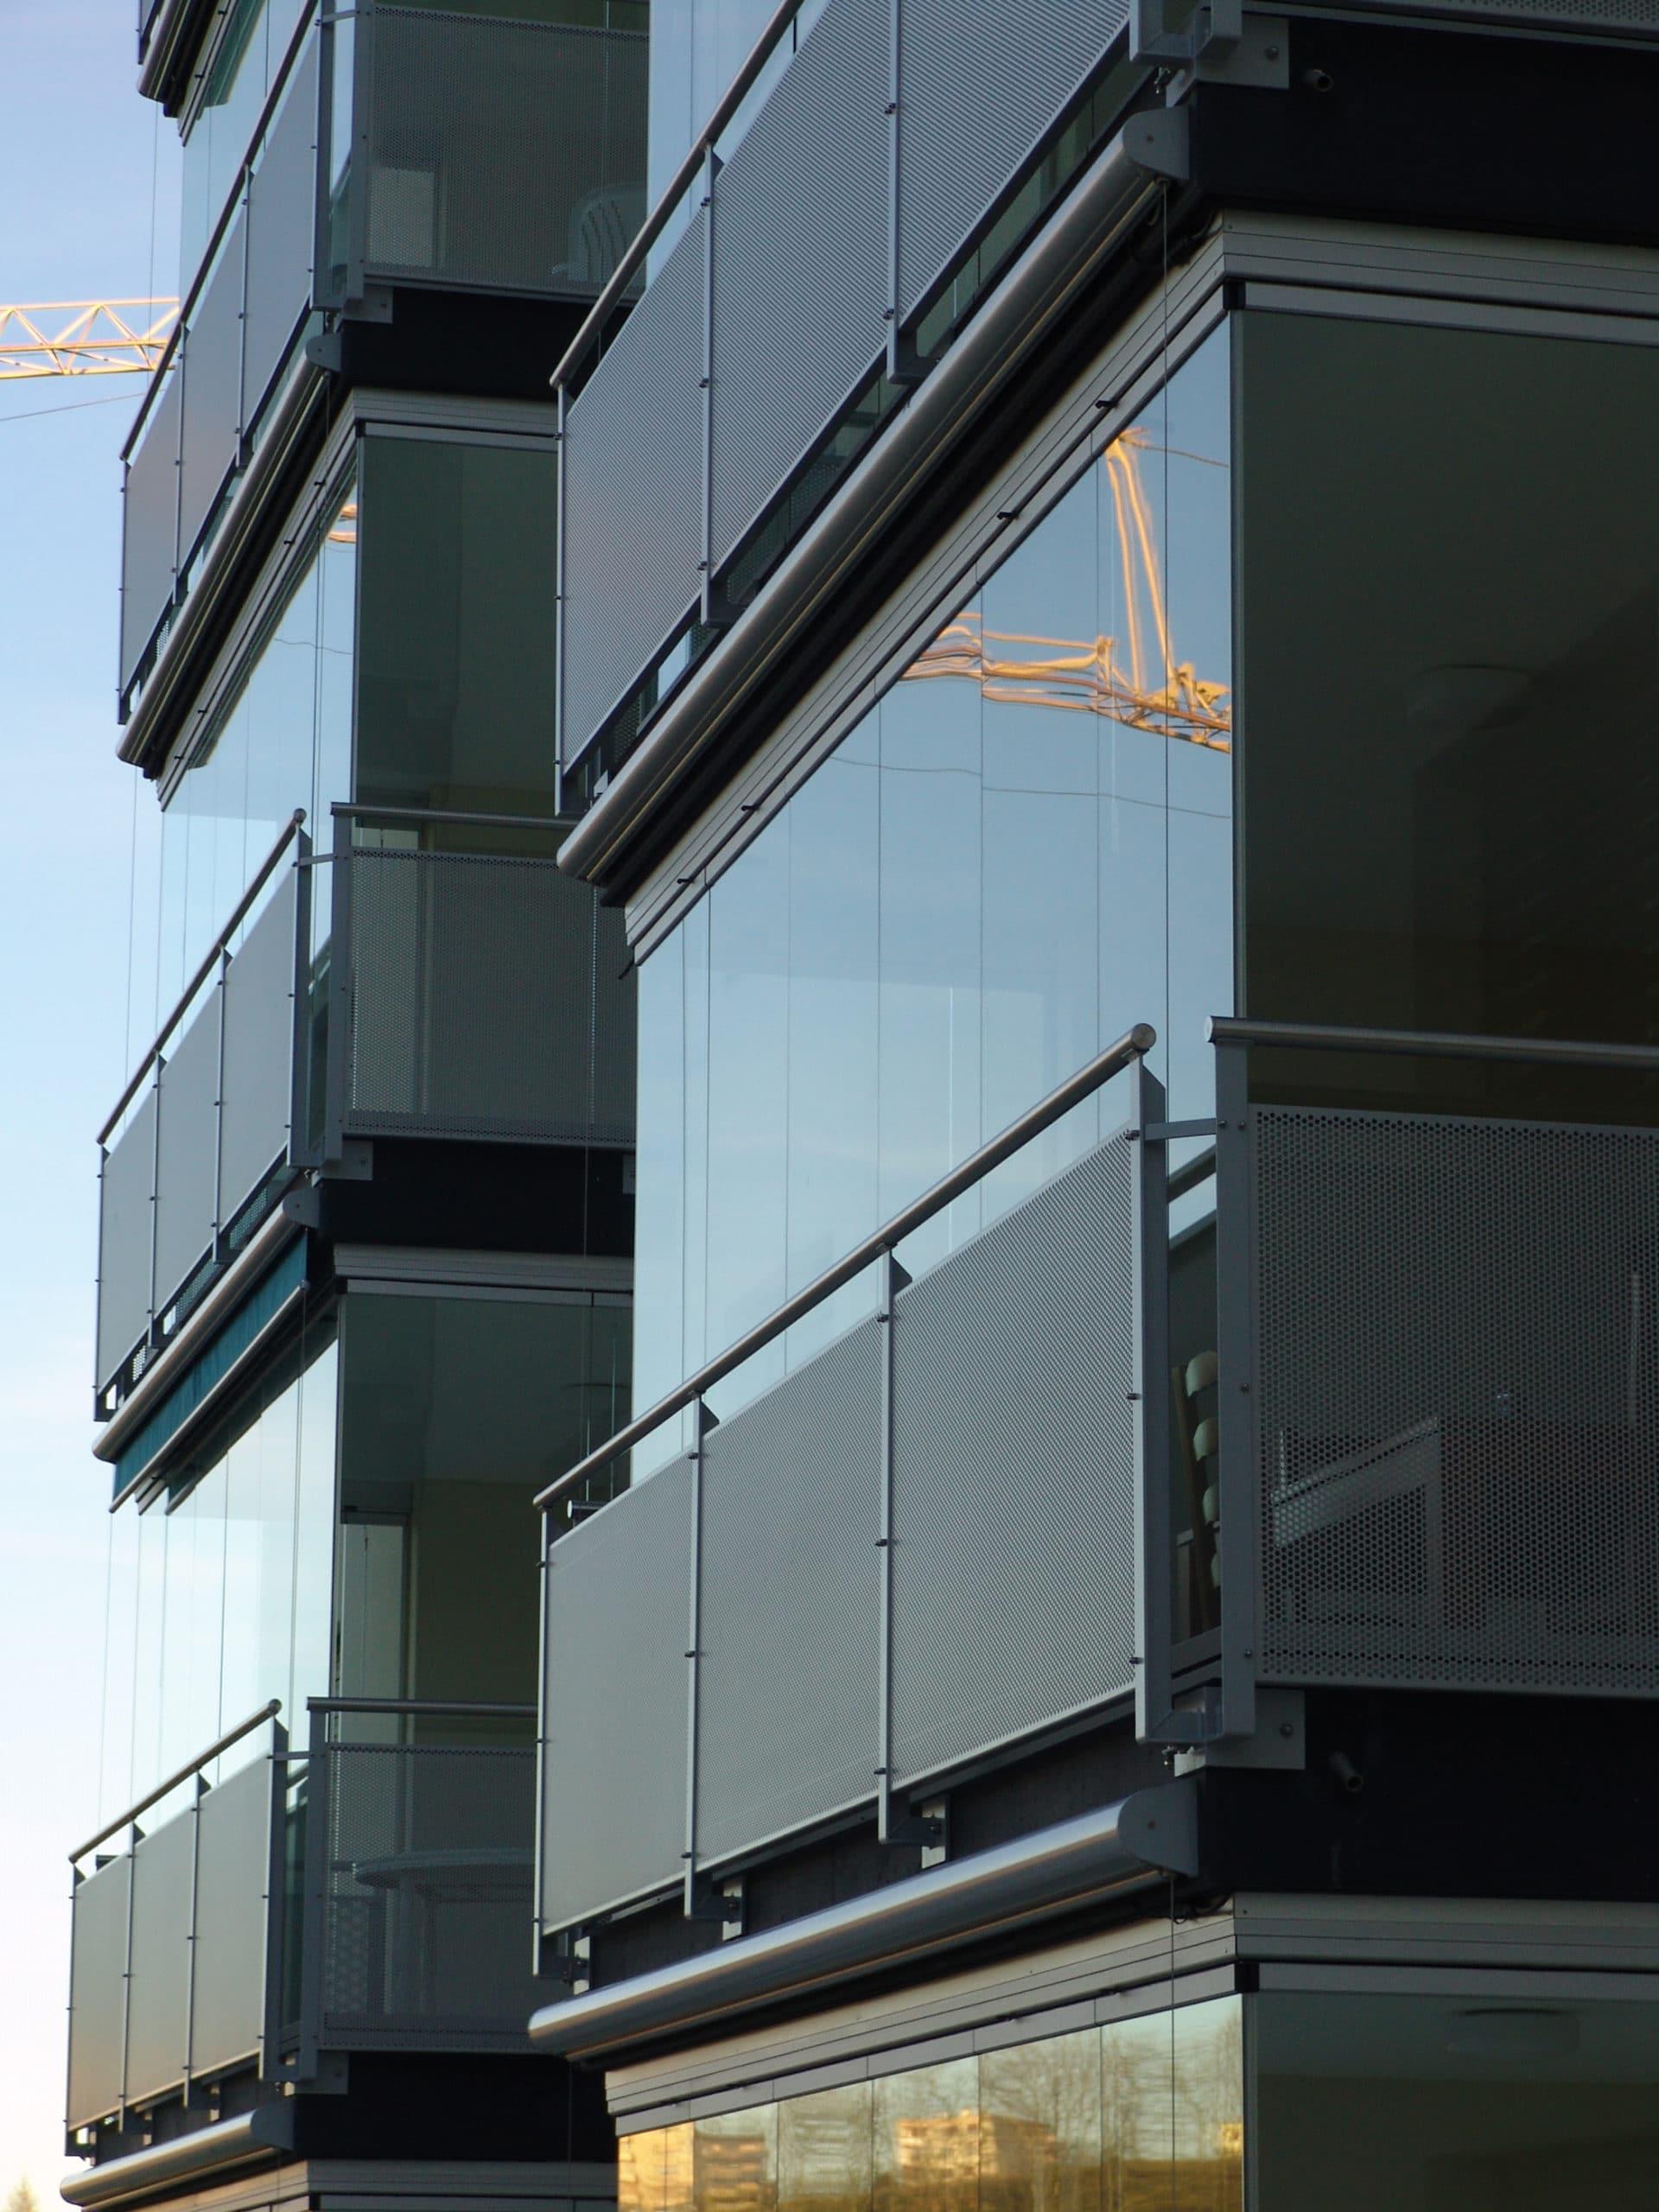 Balkonverglasungen vor dem Balkongeländer montiert